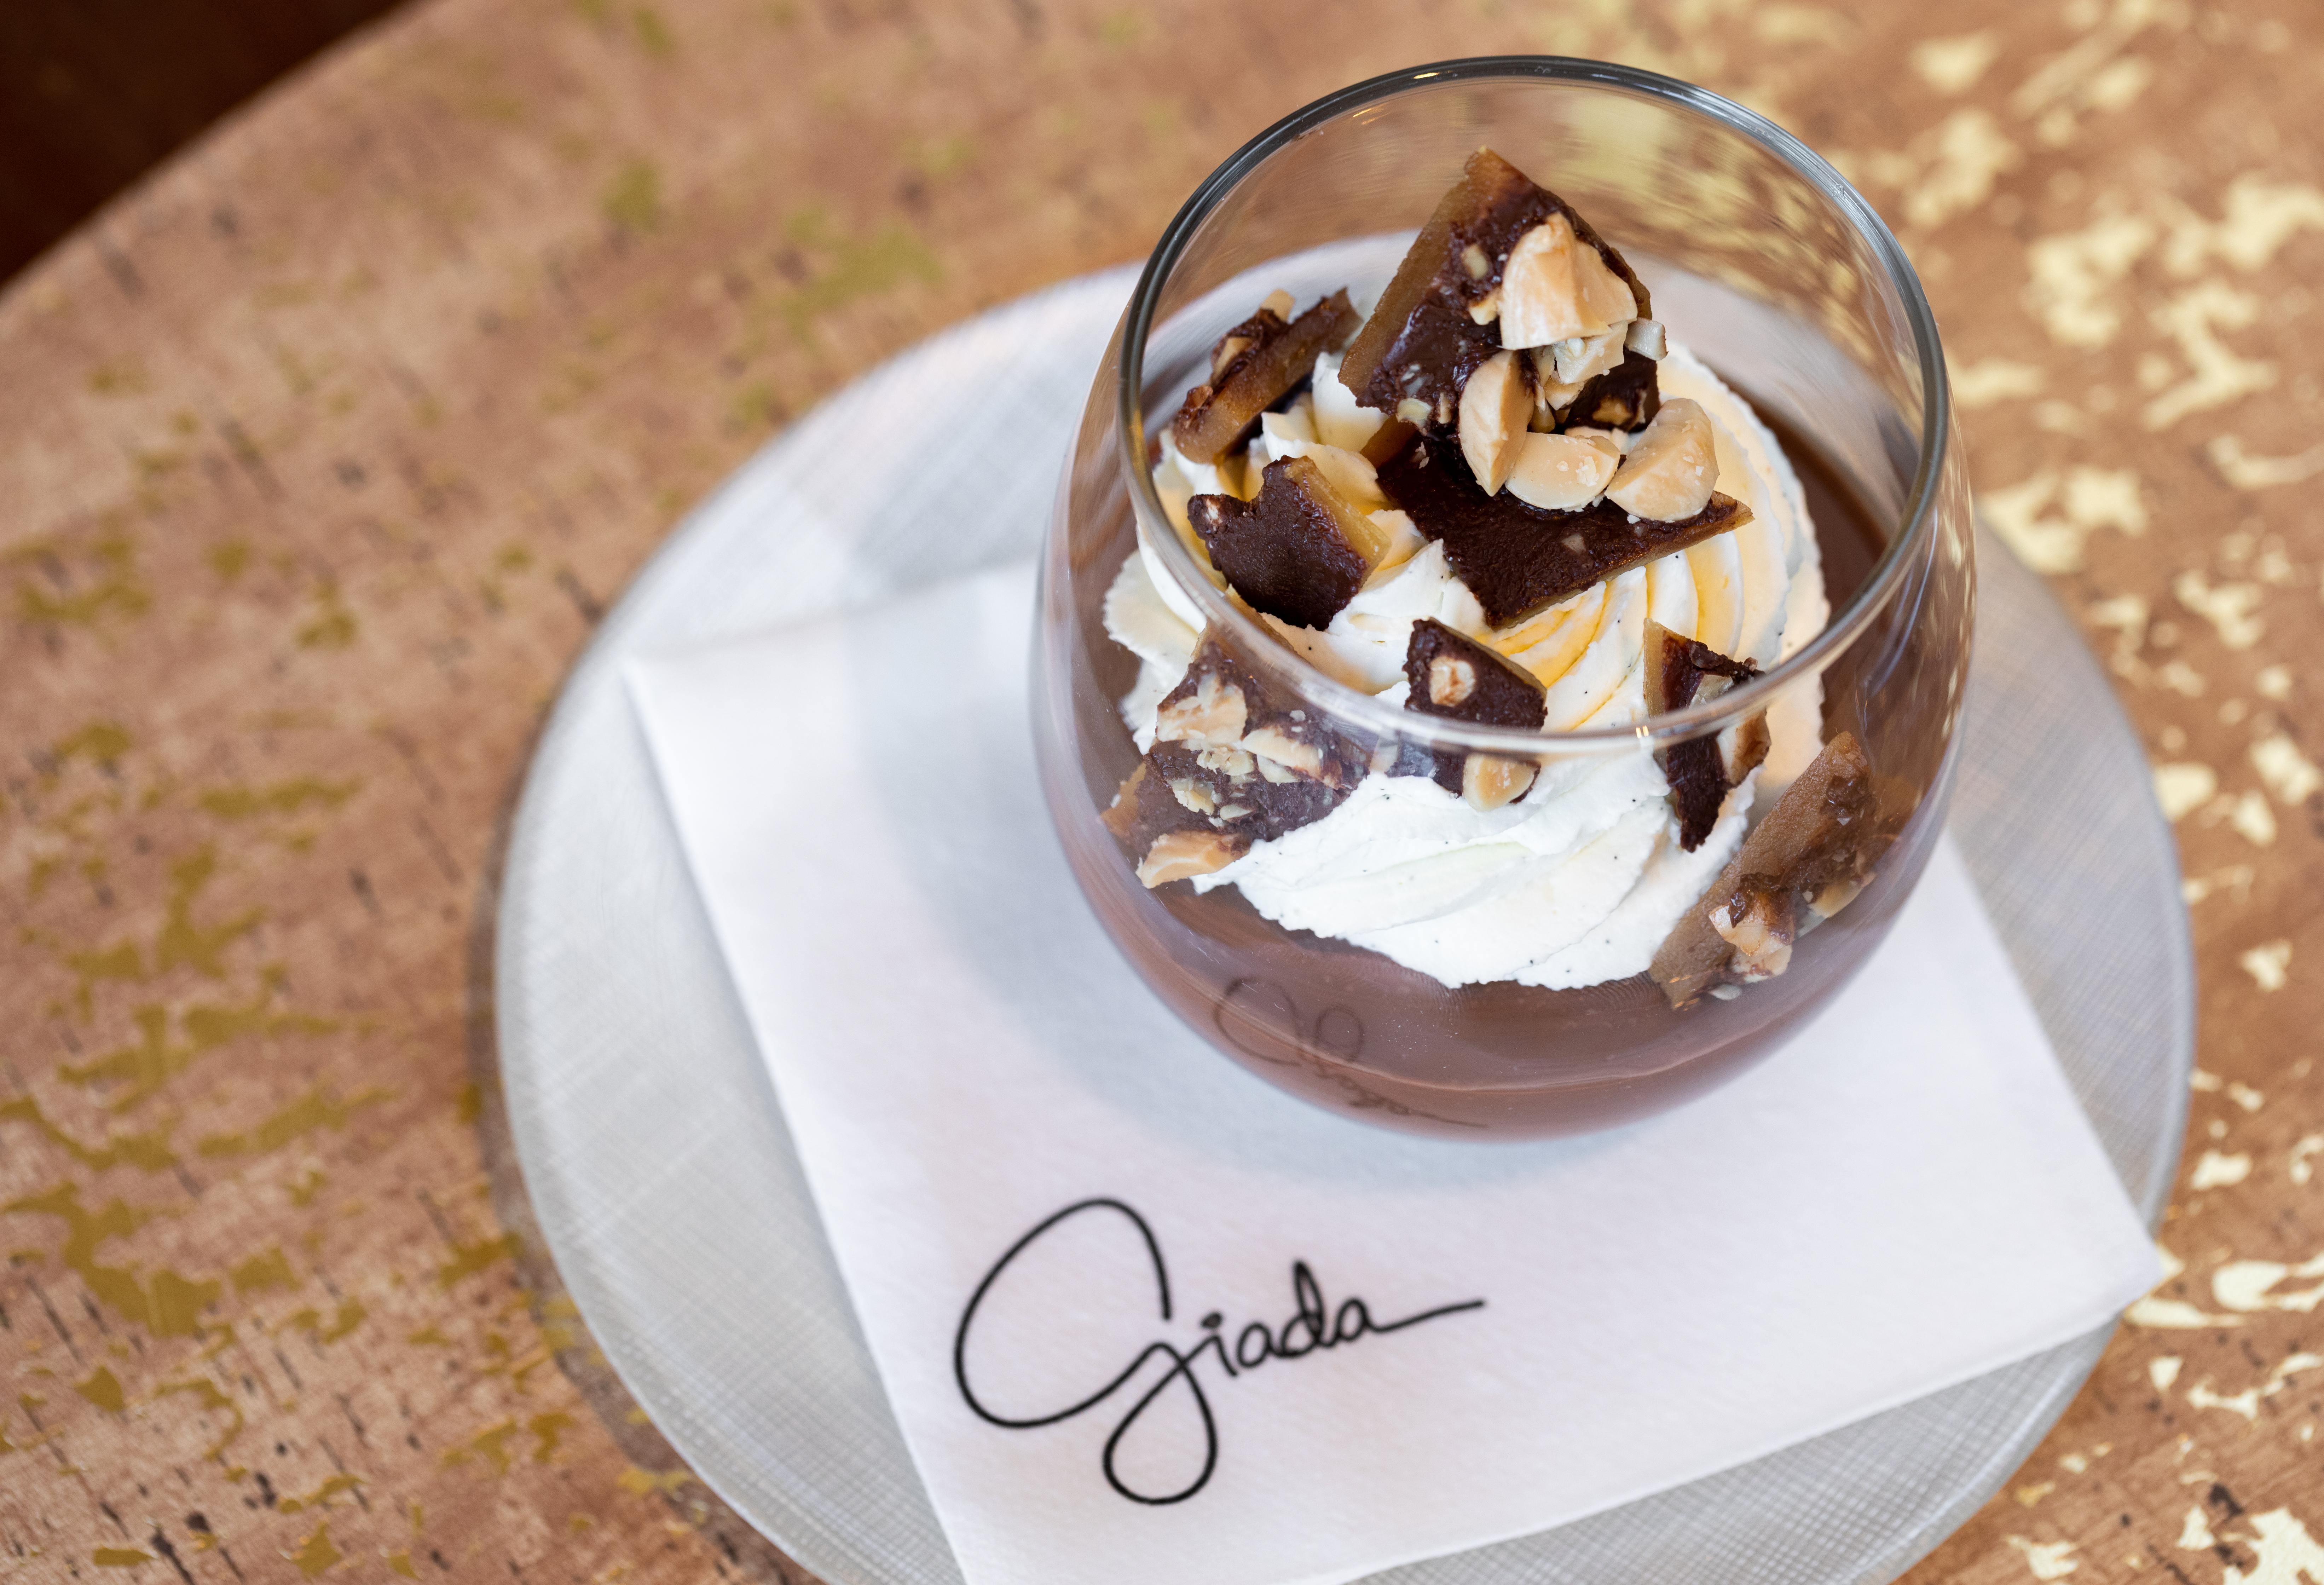 Chocolate budino with amaretto whipped cream